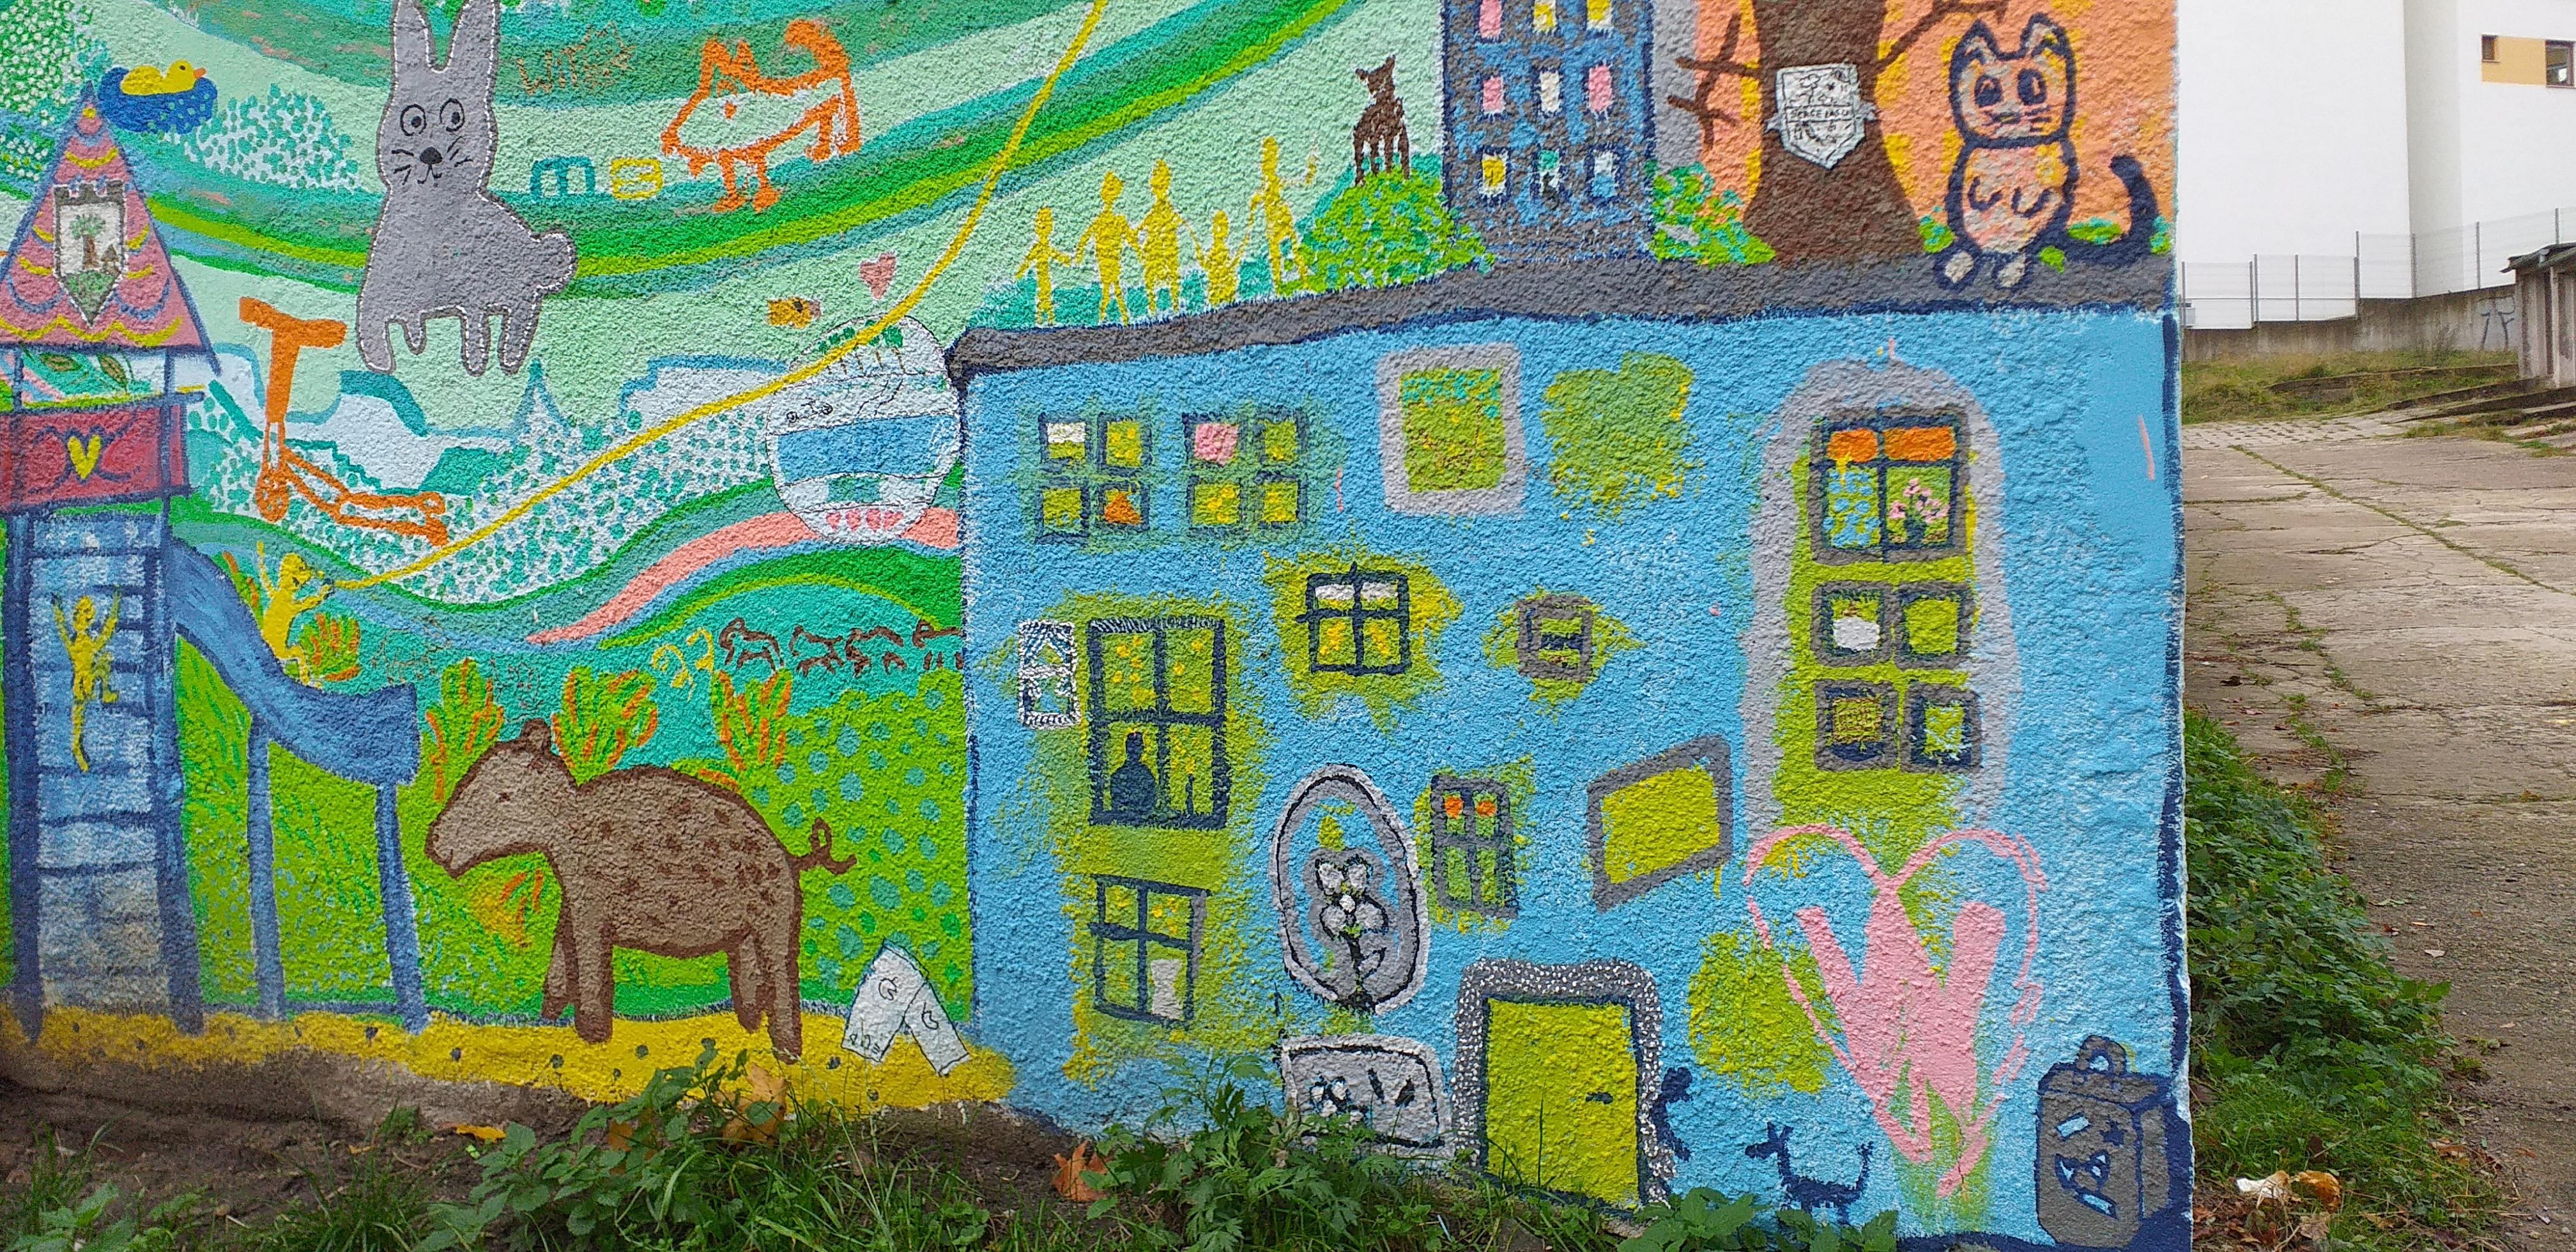 Sąsiedzki mural przy ul. Uczniowskiej